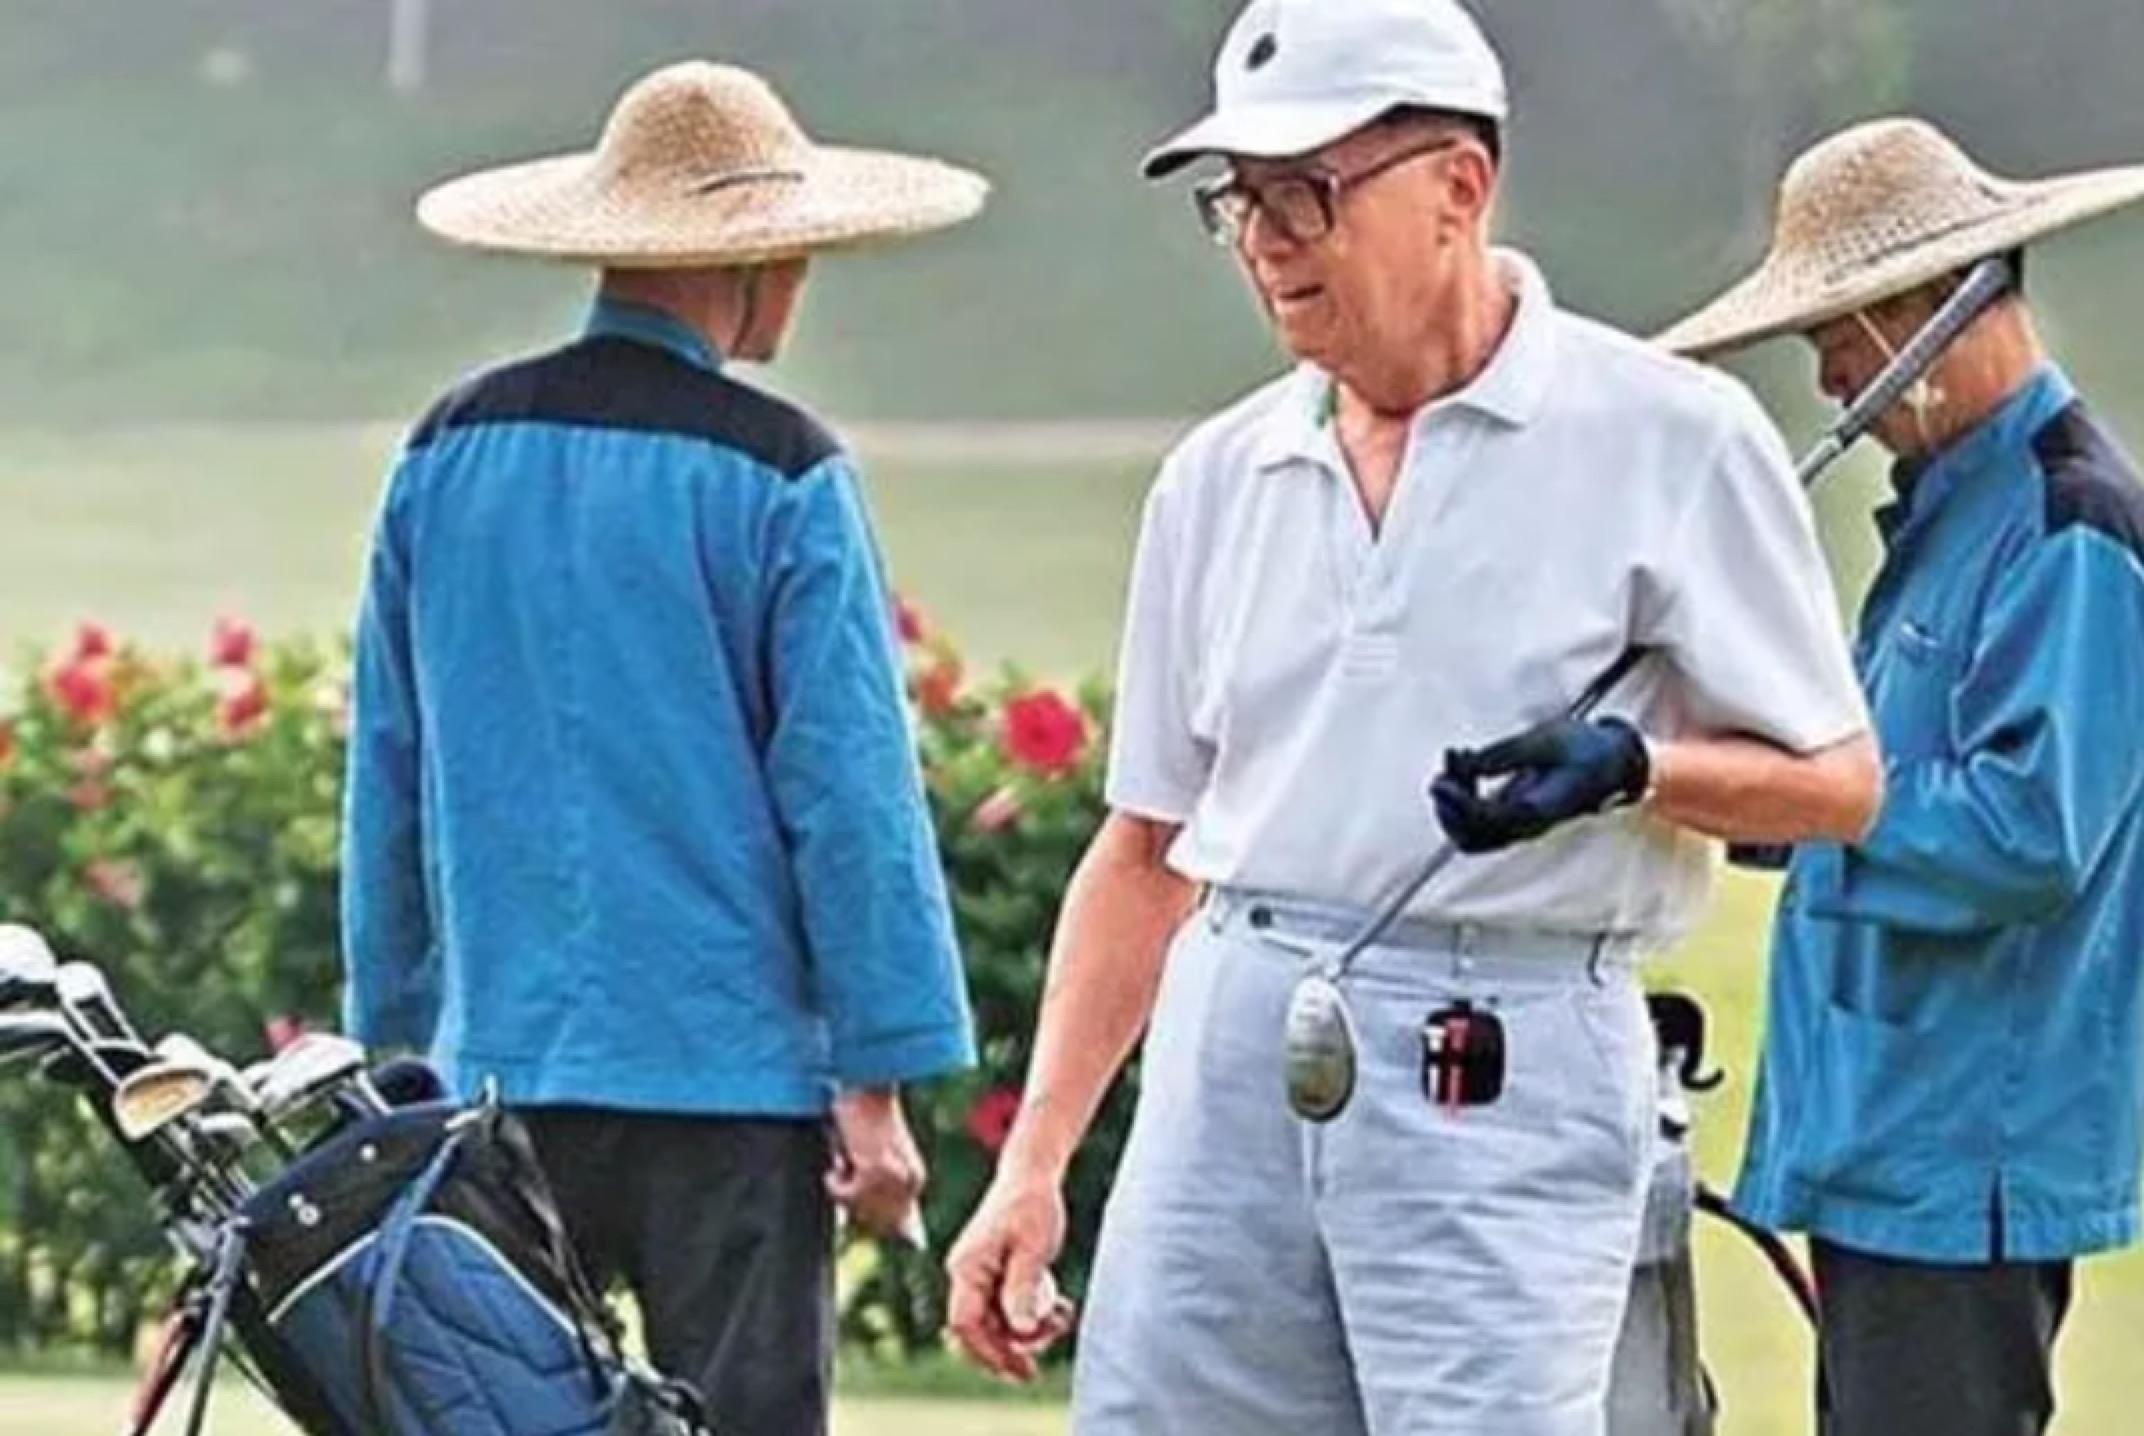 行业大佬们都会去做的两件事,除了高尔夫还有什么?